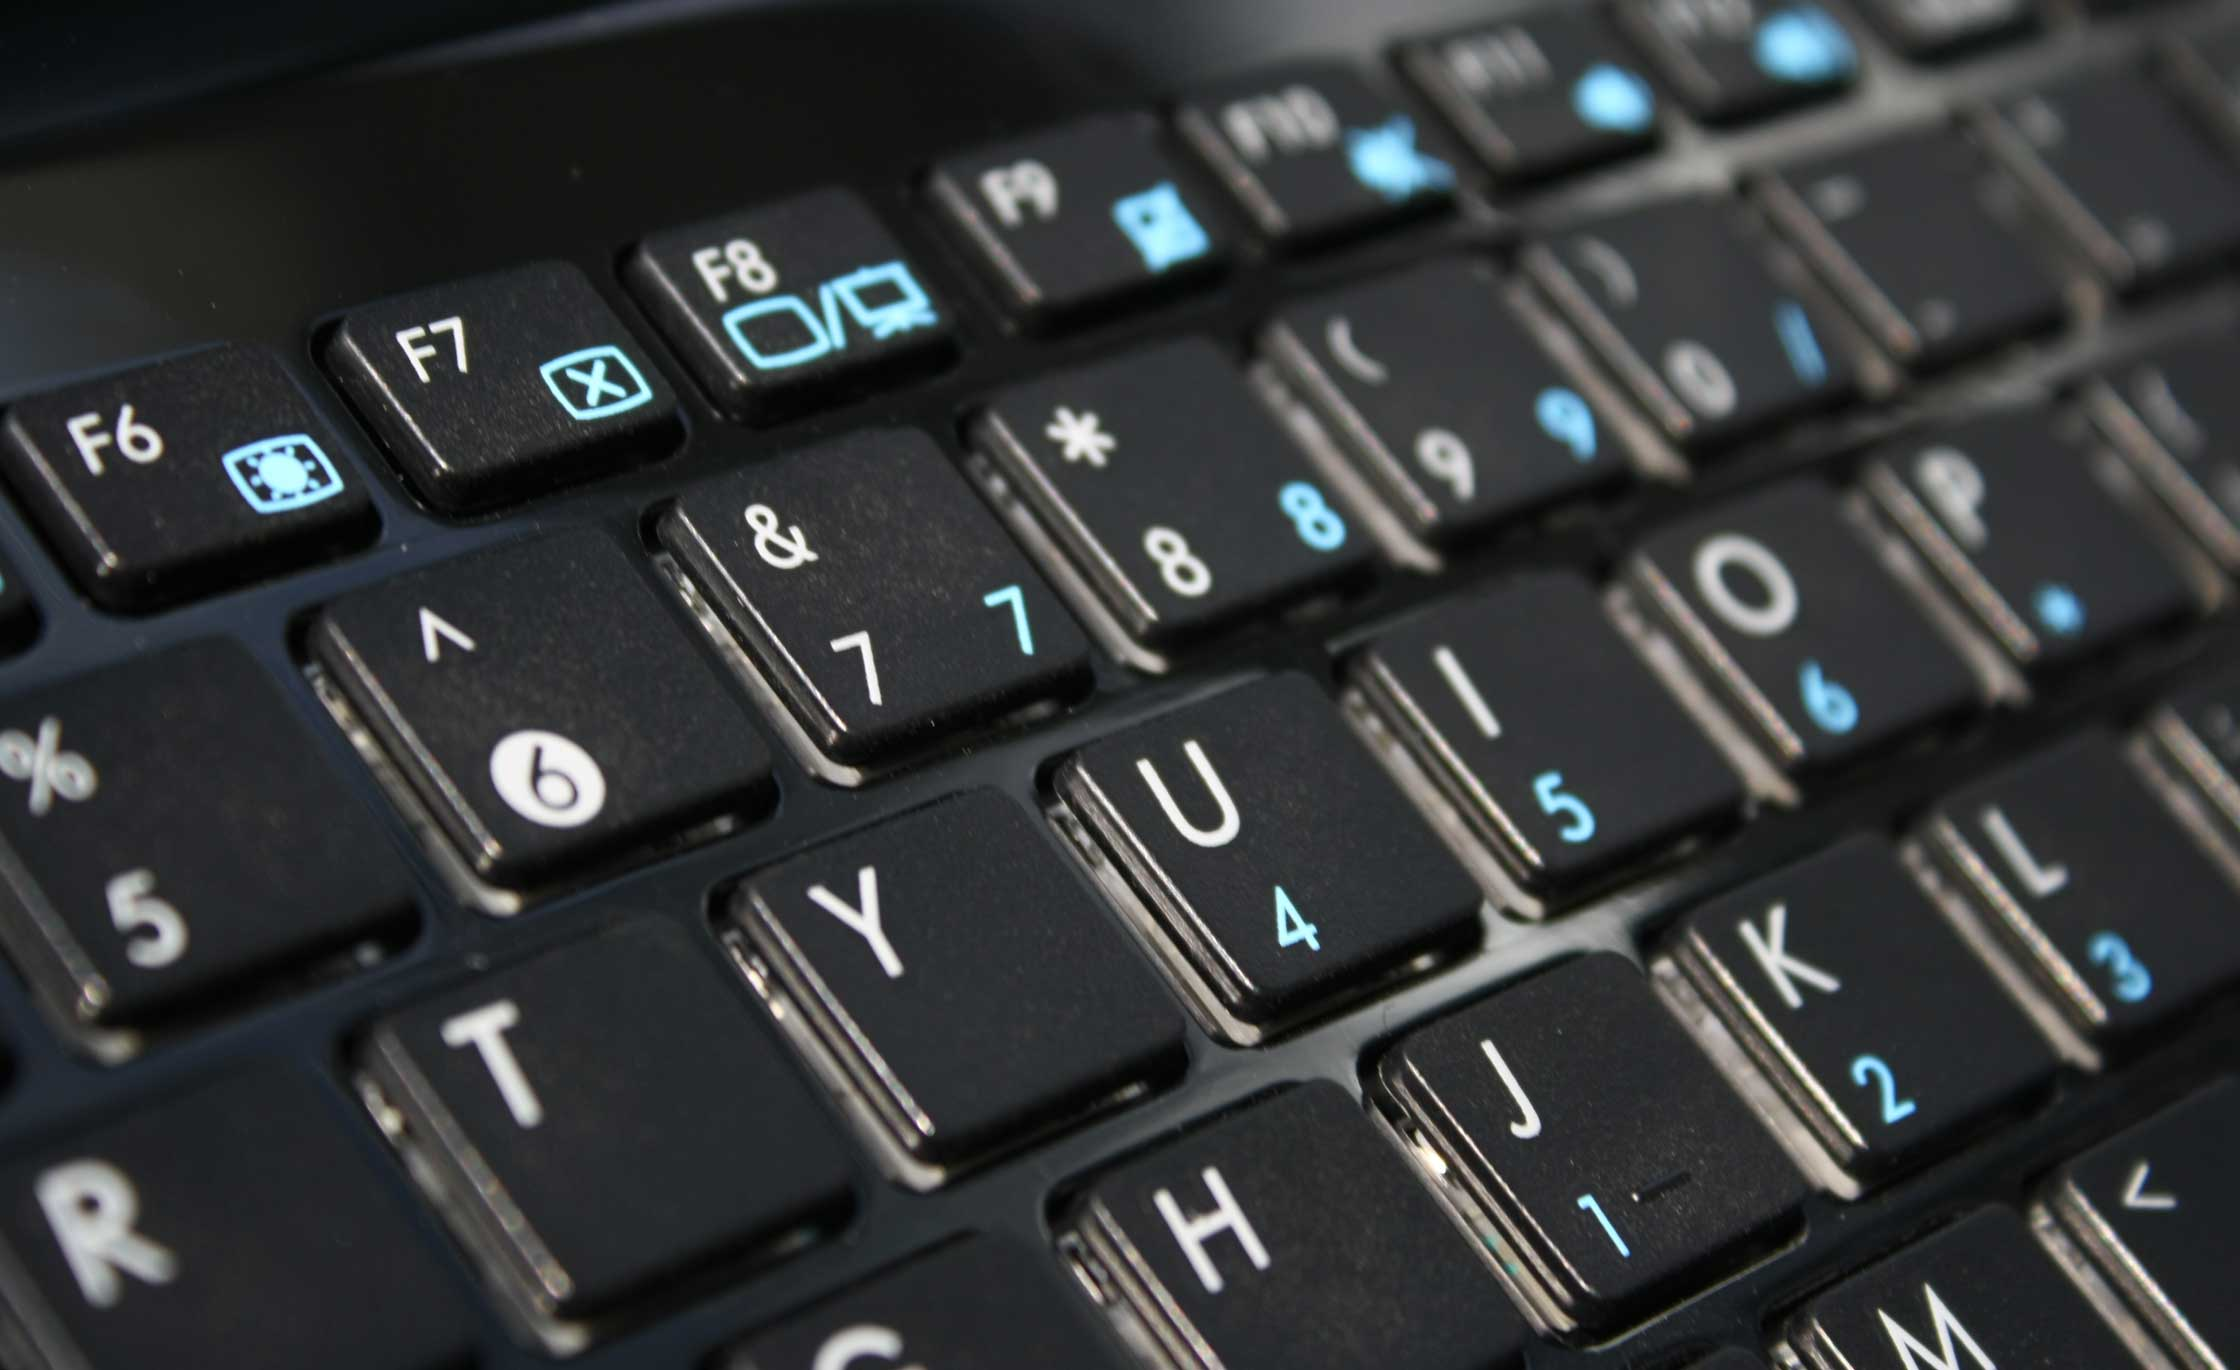 巧克力式键盘